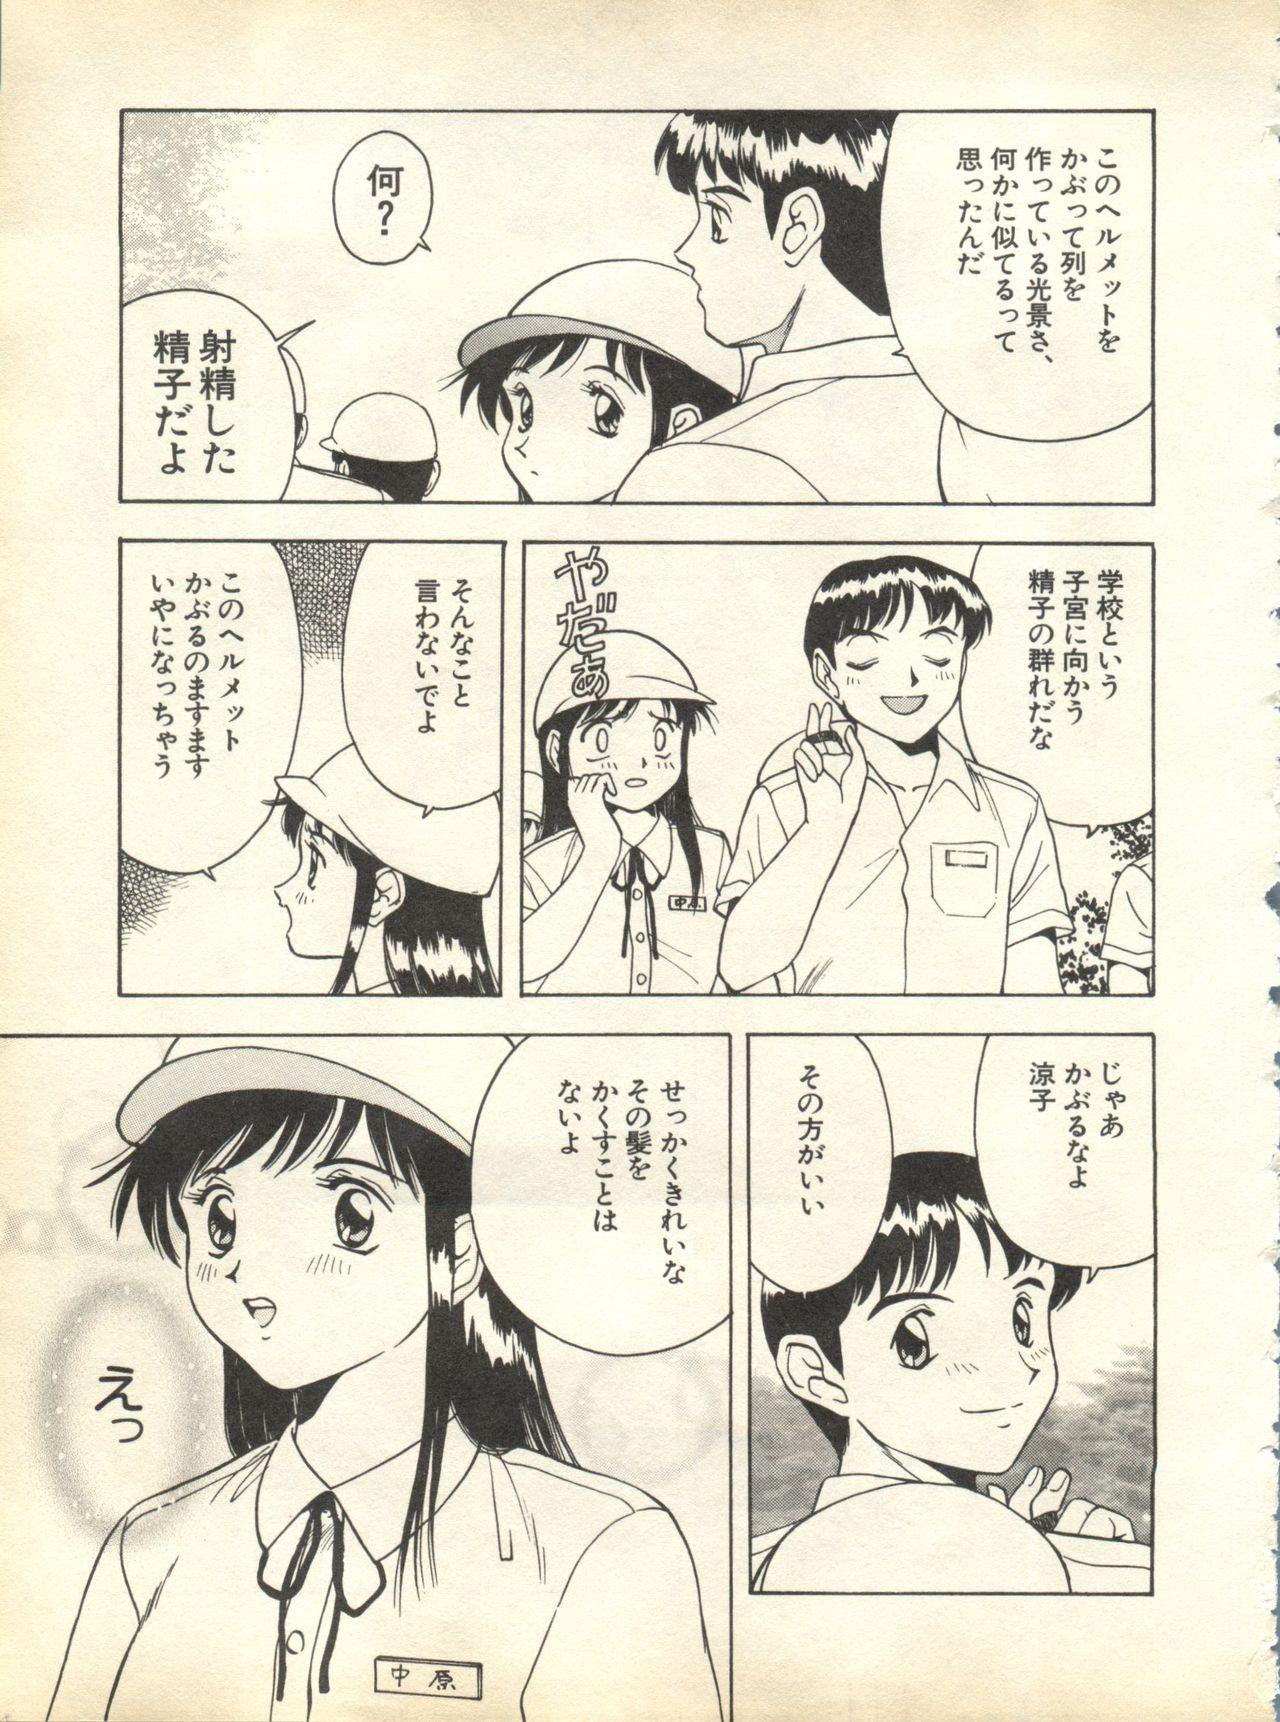 Pai;kuu 1998 October Vol. 13 216